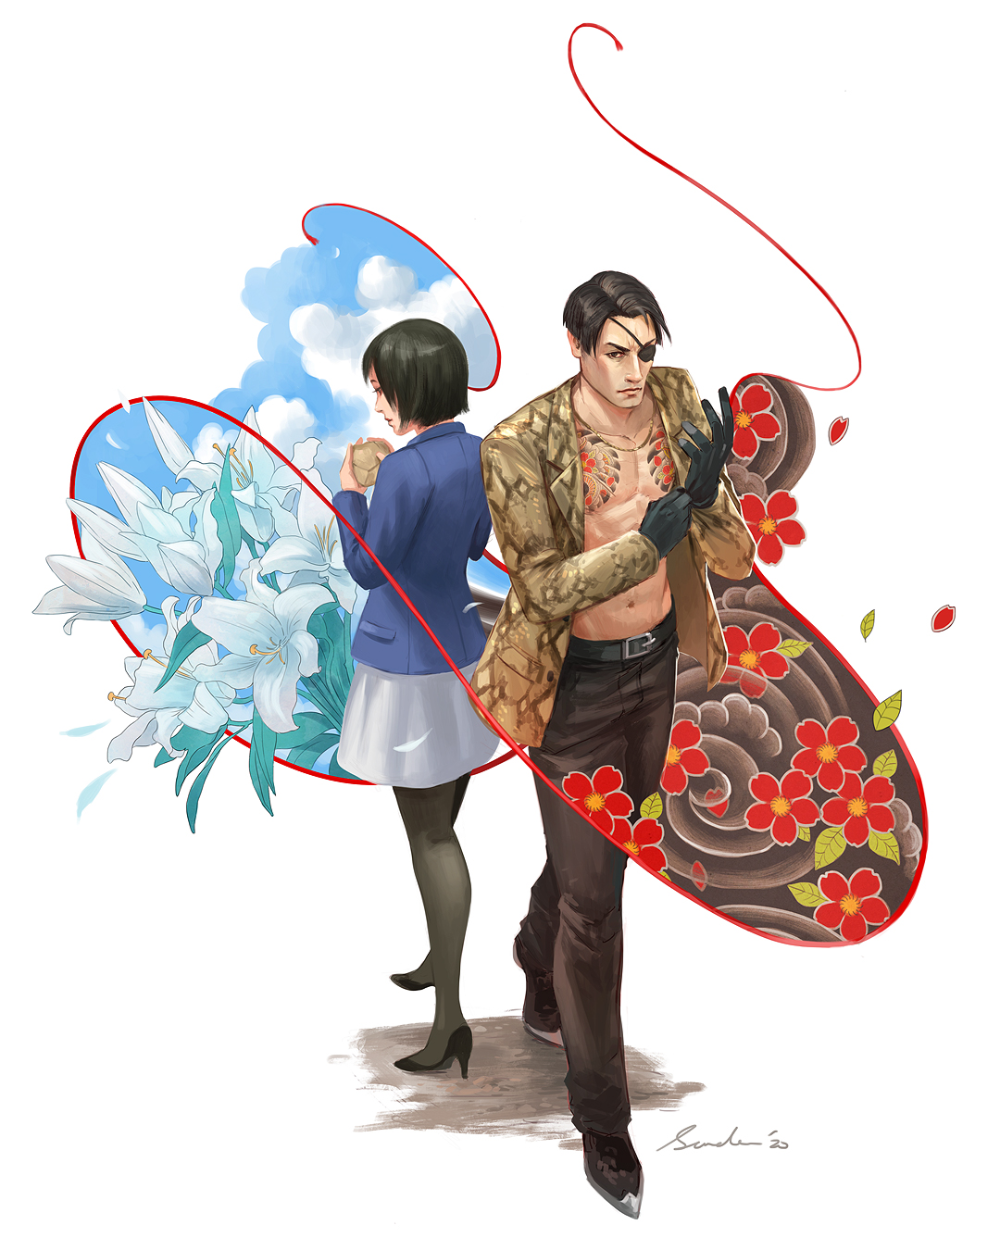 Yakuza 0 Majima And Makoto By Sandara On Deviantart Yakuza Anime Character Art Anime